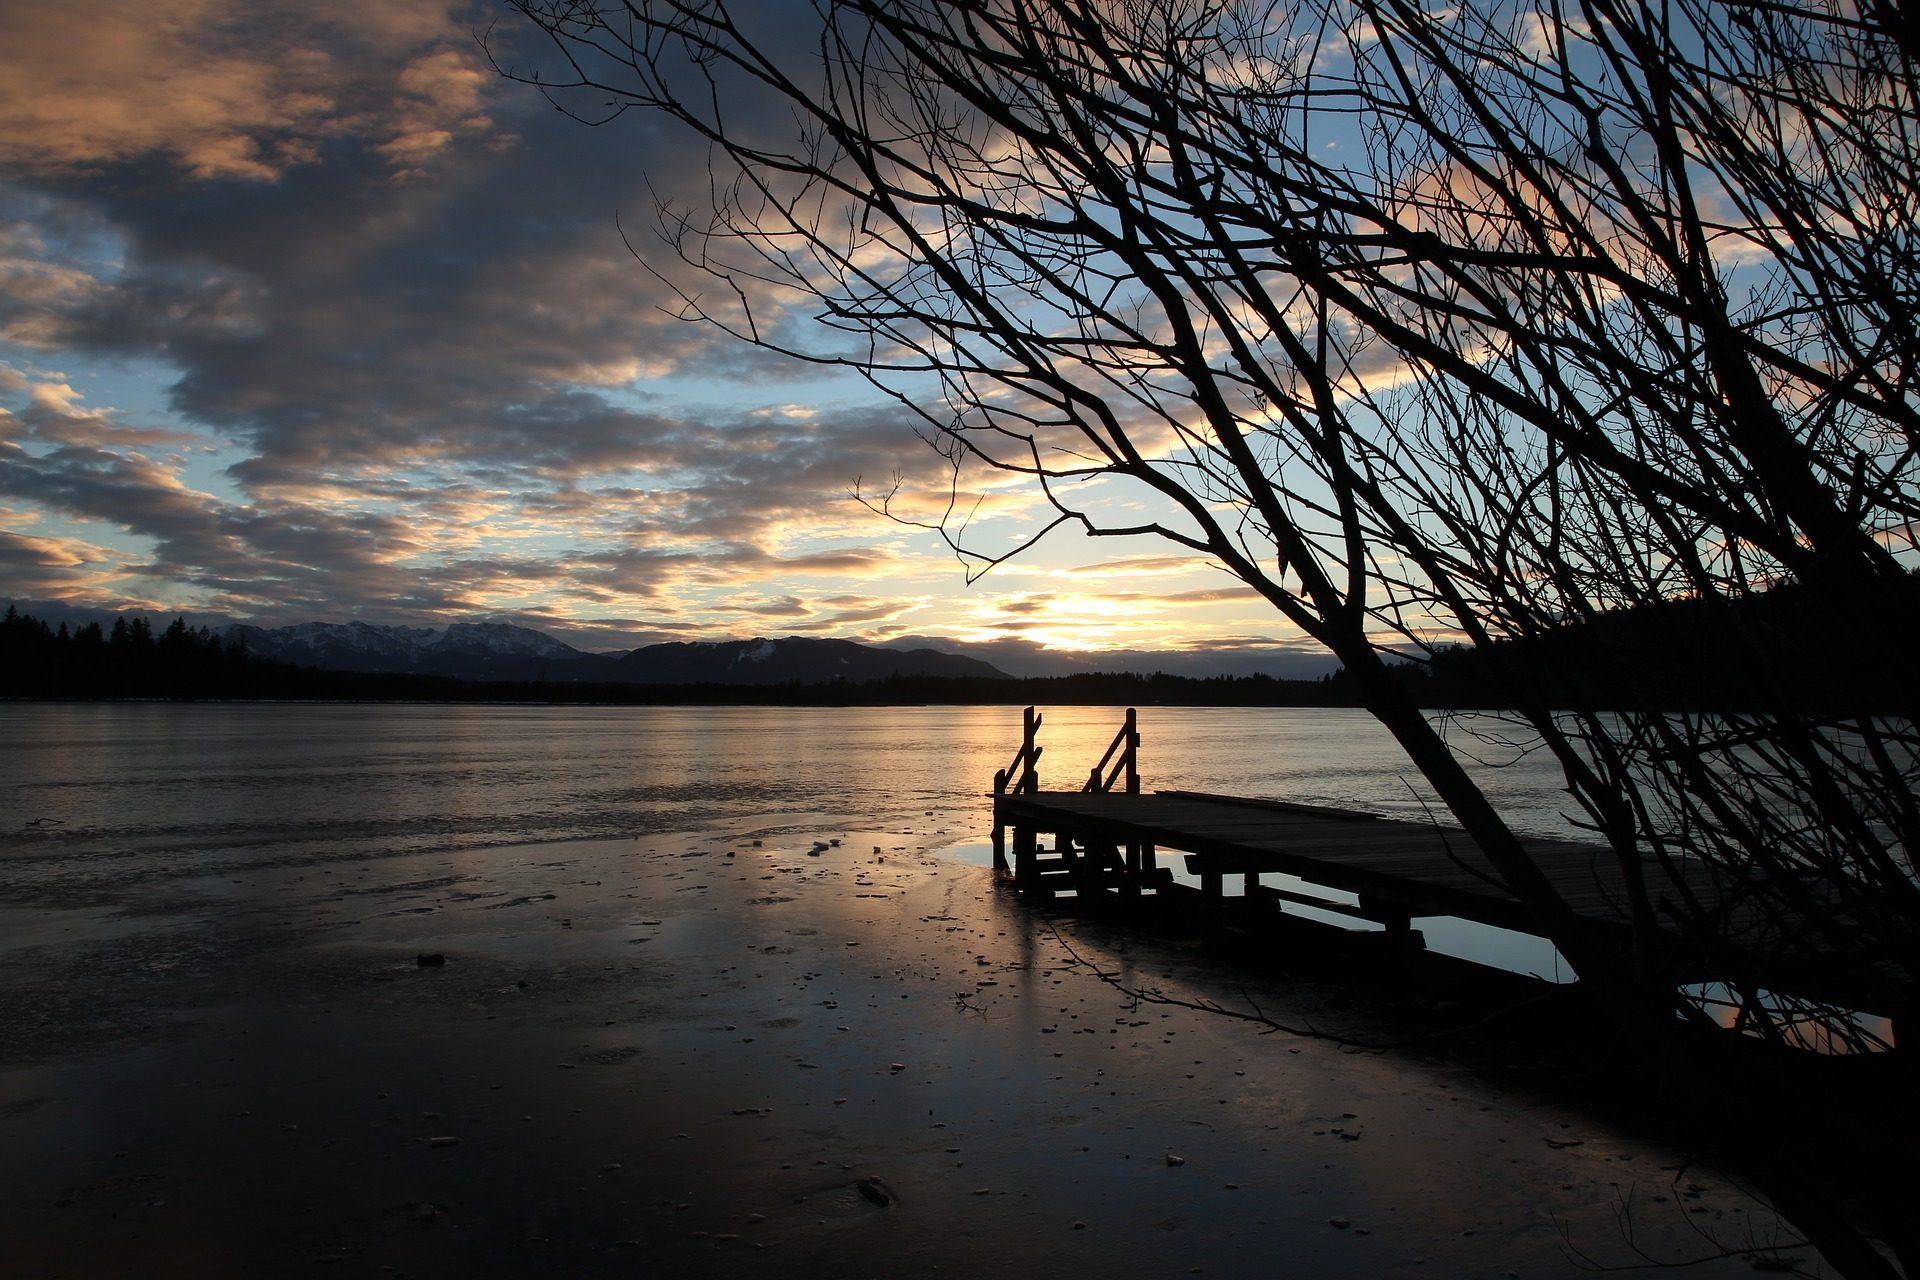 lago, alberi, Primavera, Embarcadero, Tramonto, nuvole - Sfondi HD - Professor-falken.com